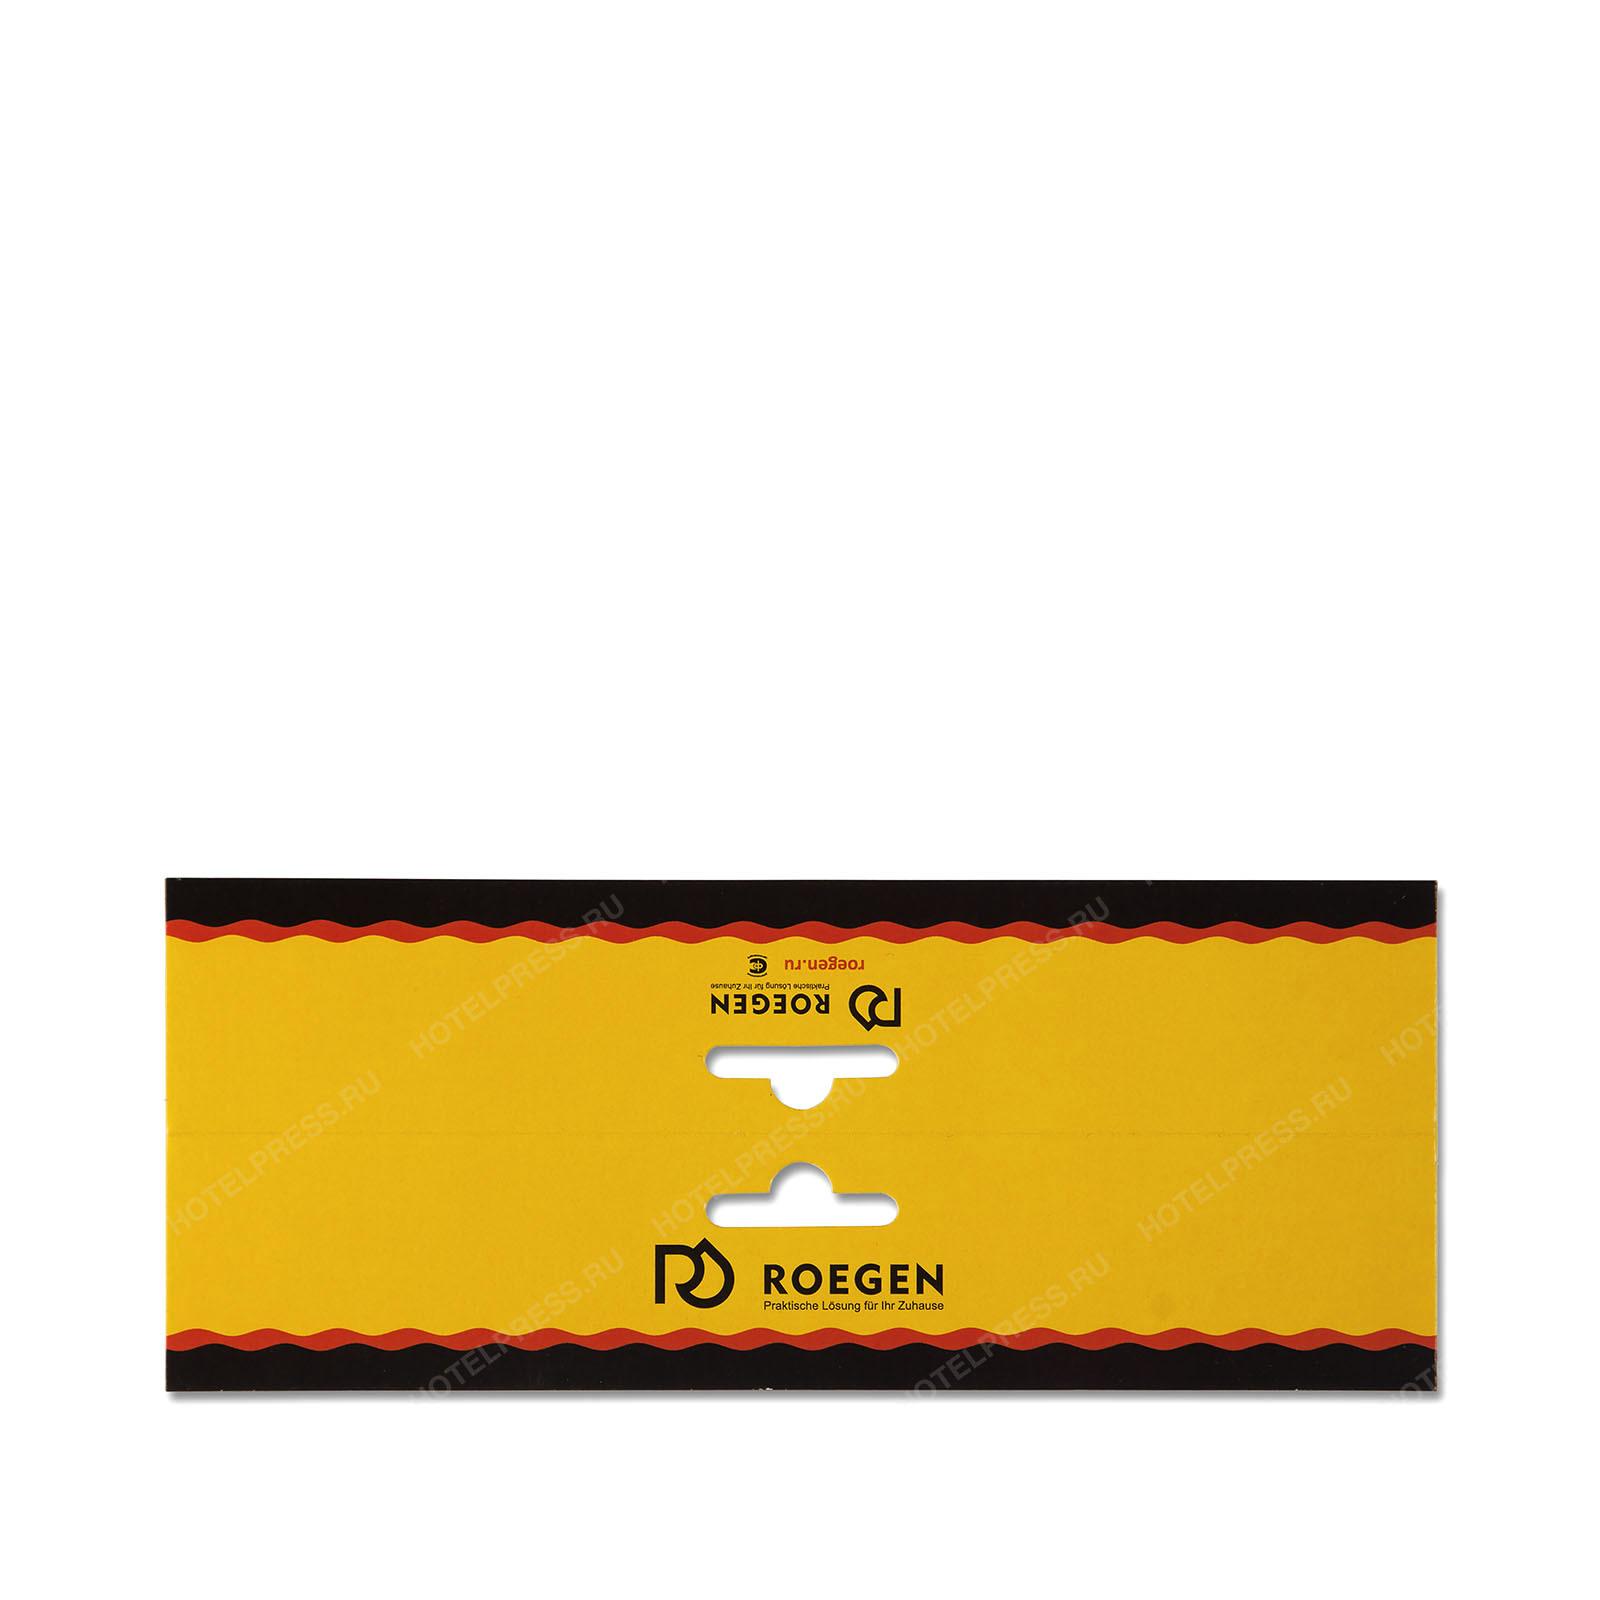 Картонная упаковка с европодвесом для крепления к пакету с продукцией